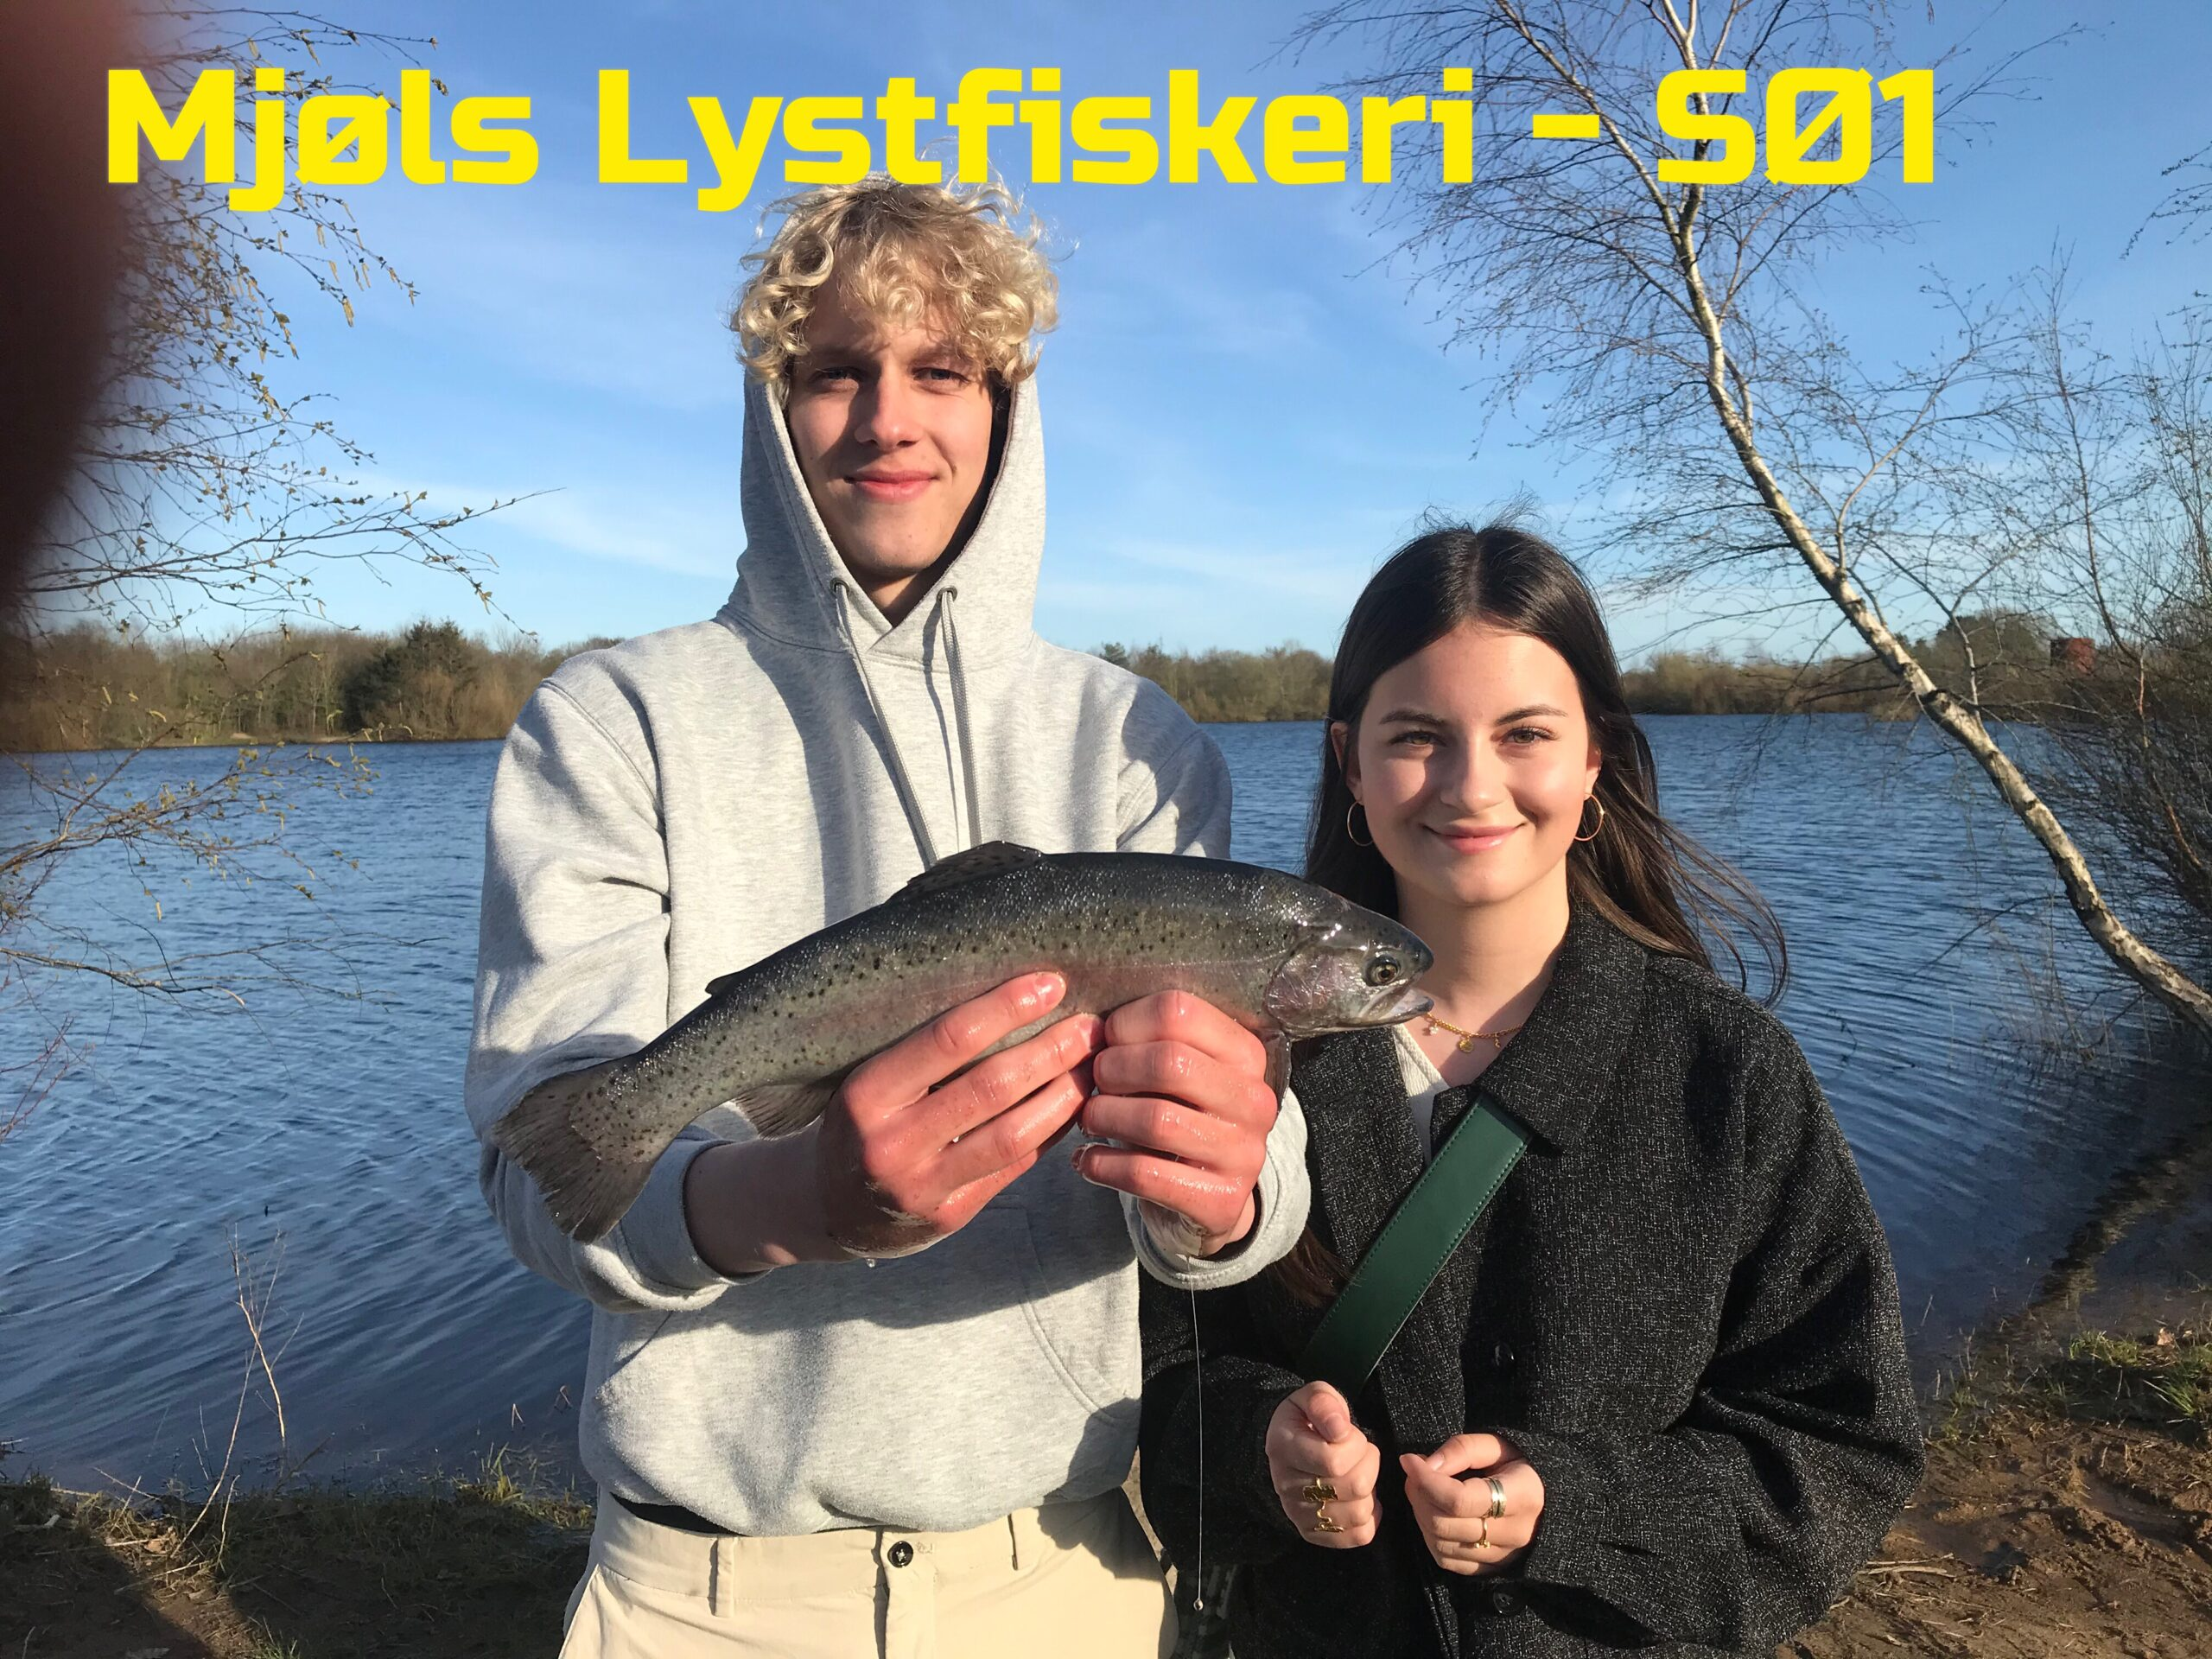 Mjøls Lystfiskeri: Skærtorsdag gav også fisk på tasken